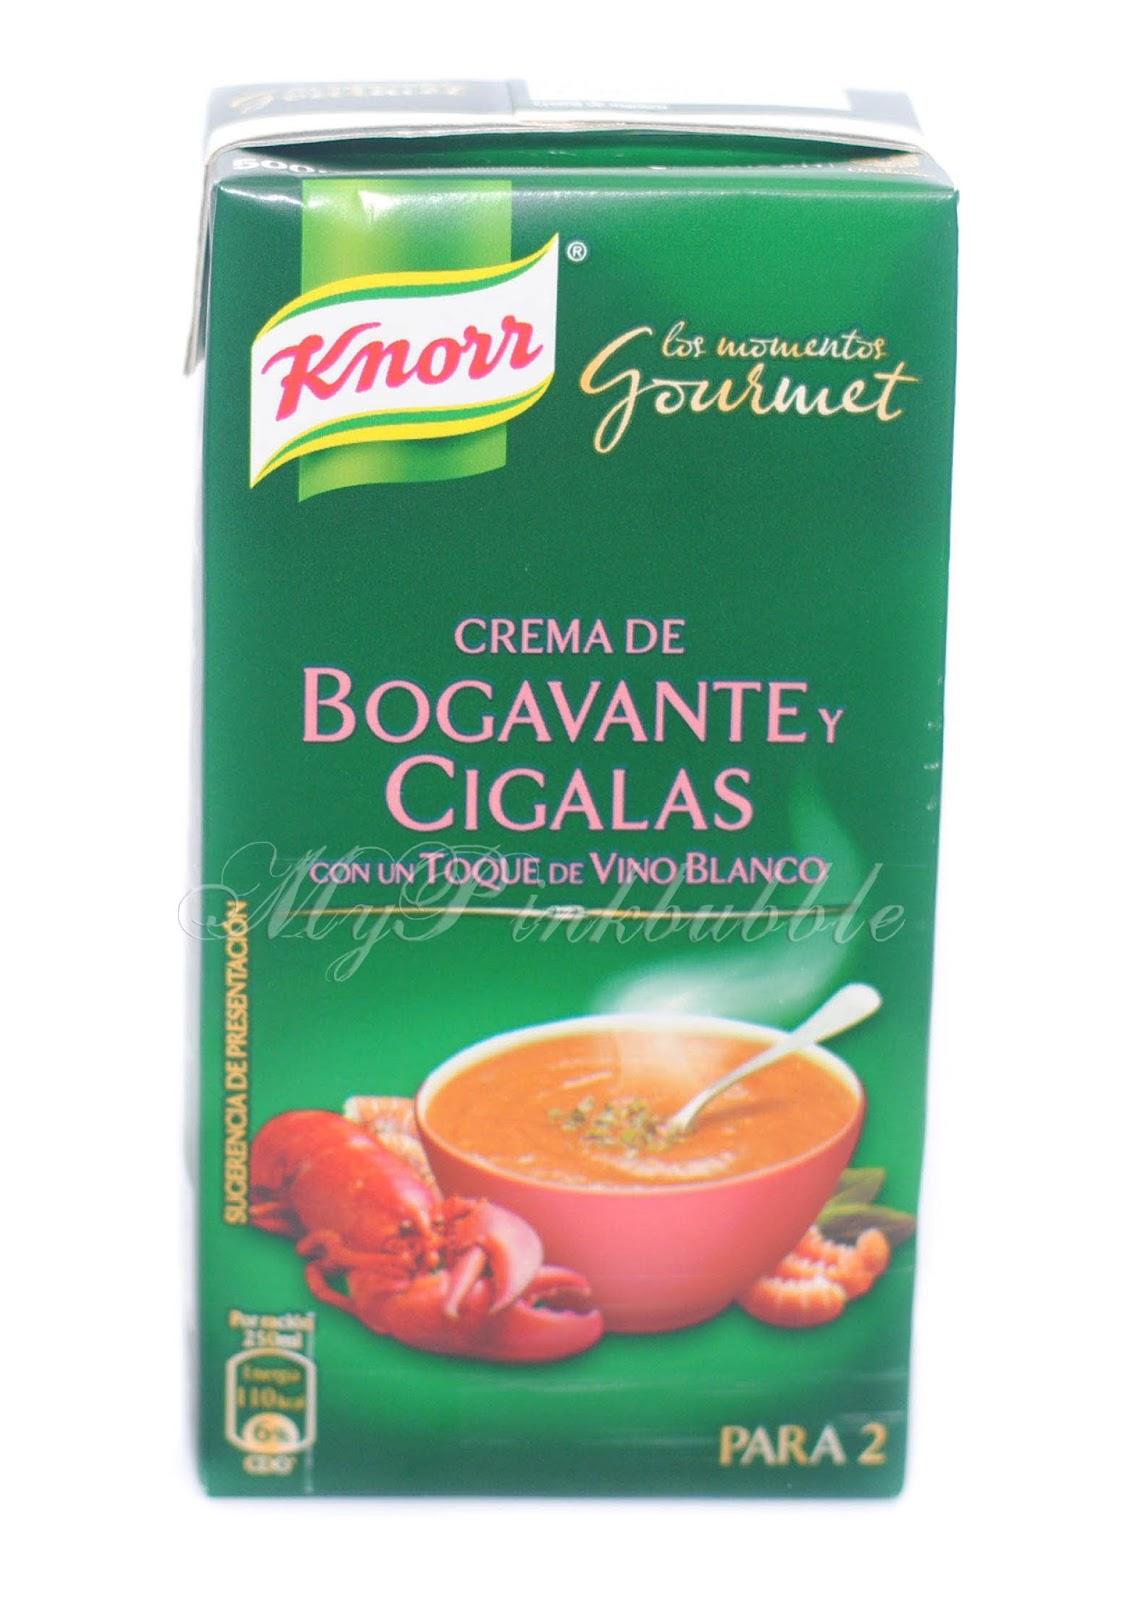 Knorr Crema de Bogavante y Cigalas